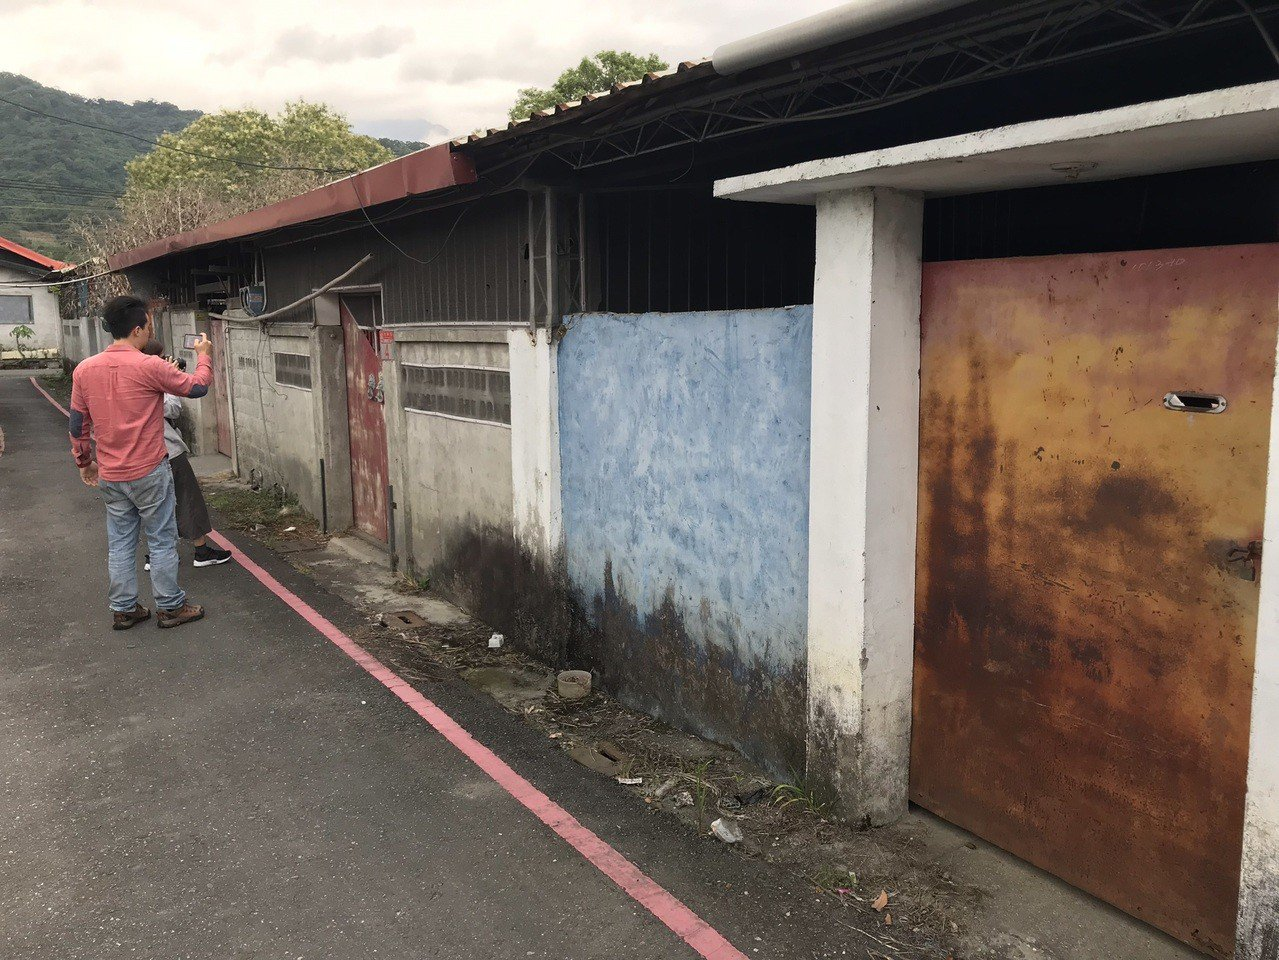 花蓮玉里火車站南側的日式鐵道宿舍聚落群,在地文史工作者疾呼保存。記者王燕華/攝影